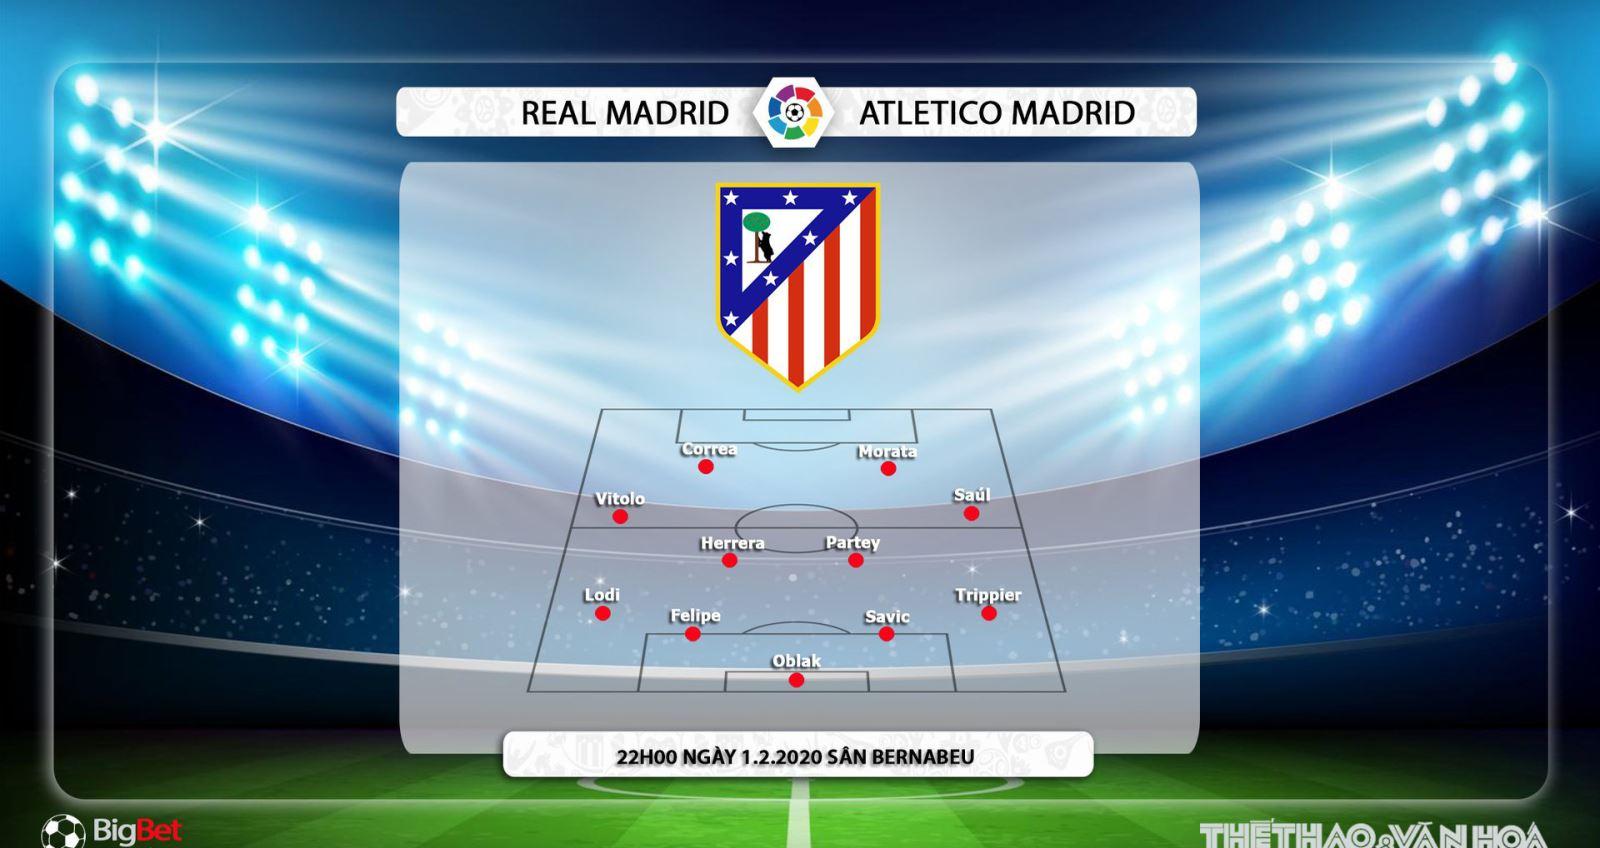 kèo nhà cái, keo nha cai, BđTV truc tiep bong da hôm nay, kèo bóng đá, Real Madrid vs Atletico, Real Madrid đấu với Atletico, lịch thi đấu bóng đá Tây Ban Nha, kèo Real